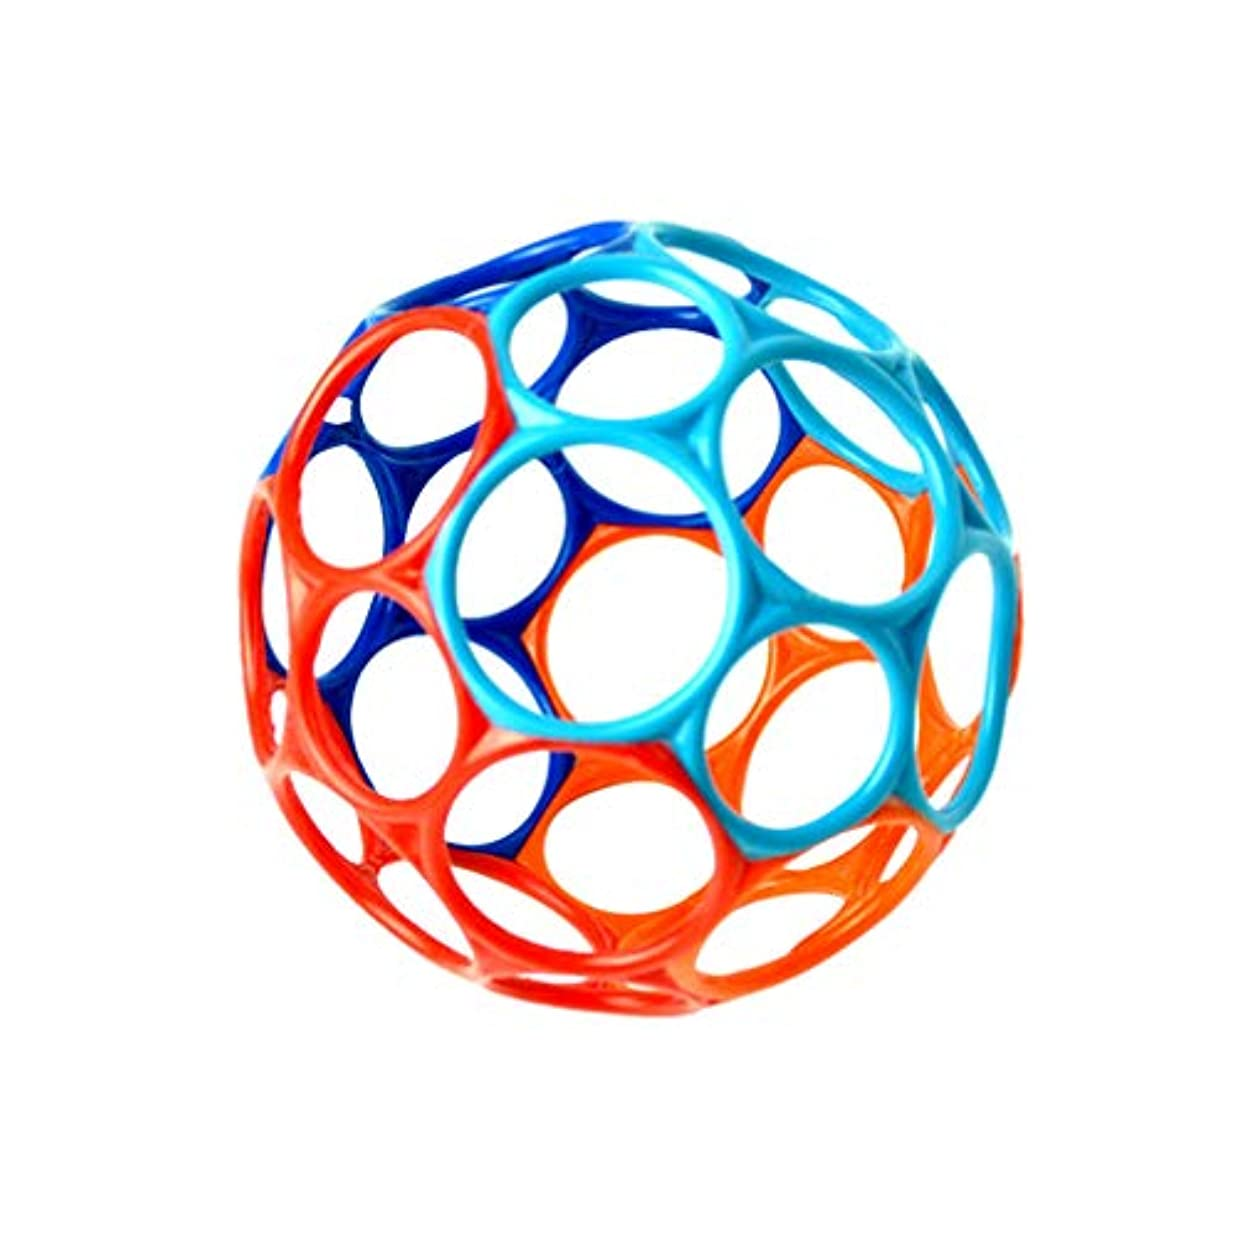 四買う数学者BESPORTBLE 幼児ホールボール赤ちゃん面白いボールゲーム手つかむ教育おもちゃ手ガラガラおもちゃギフト新生児用(小さい、ベルなし)